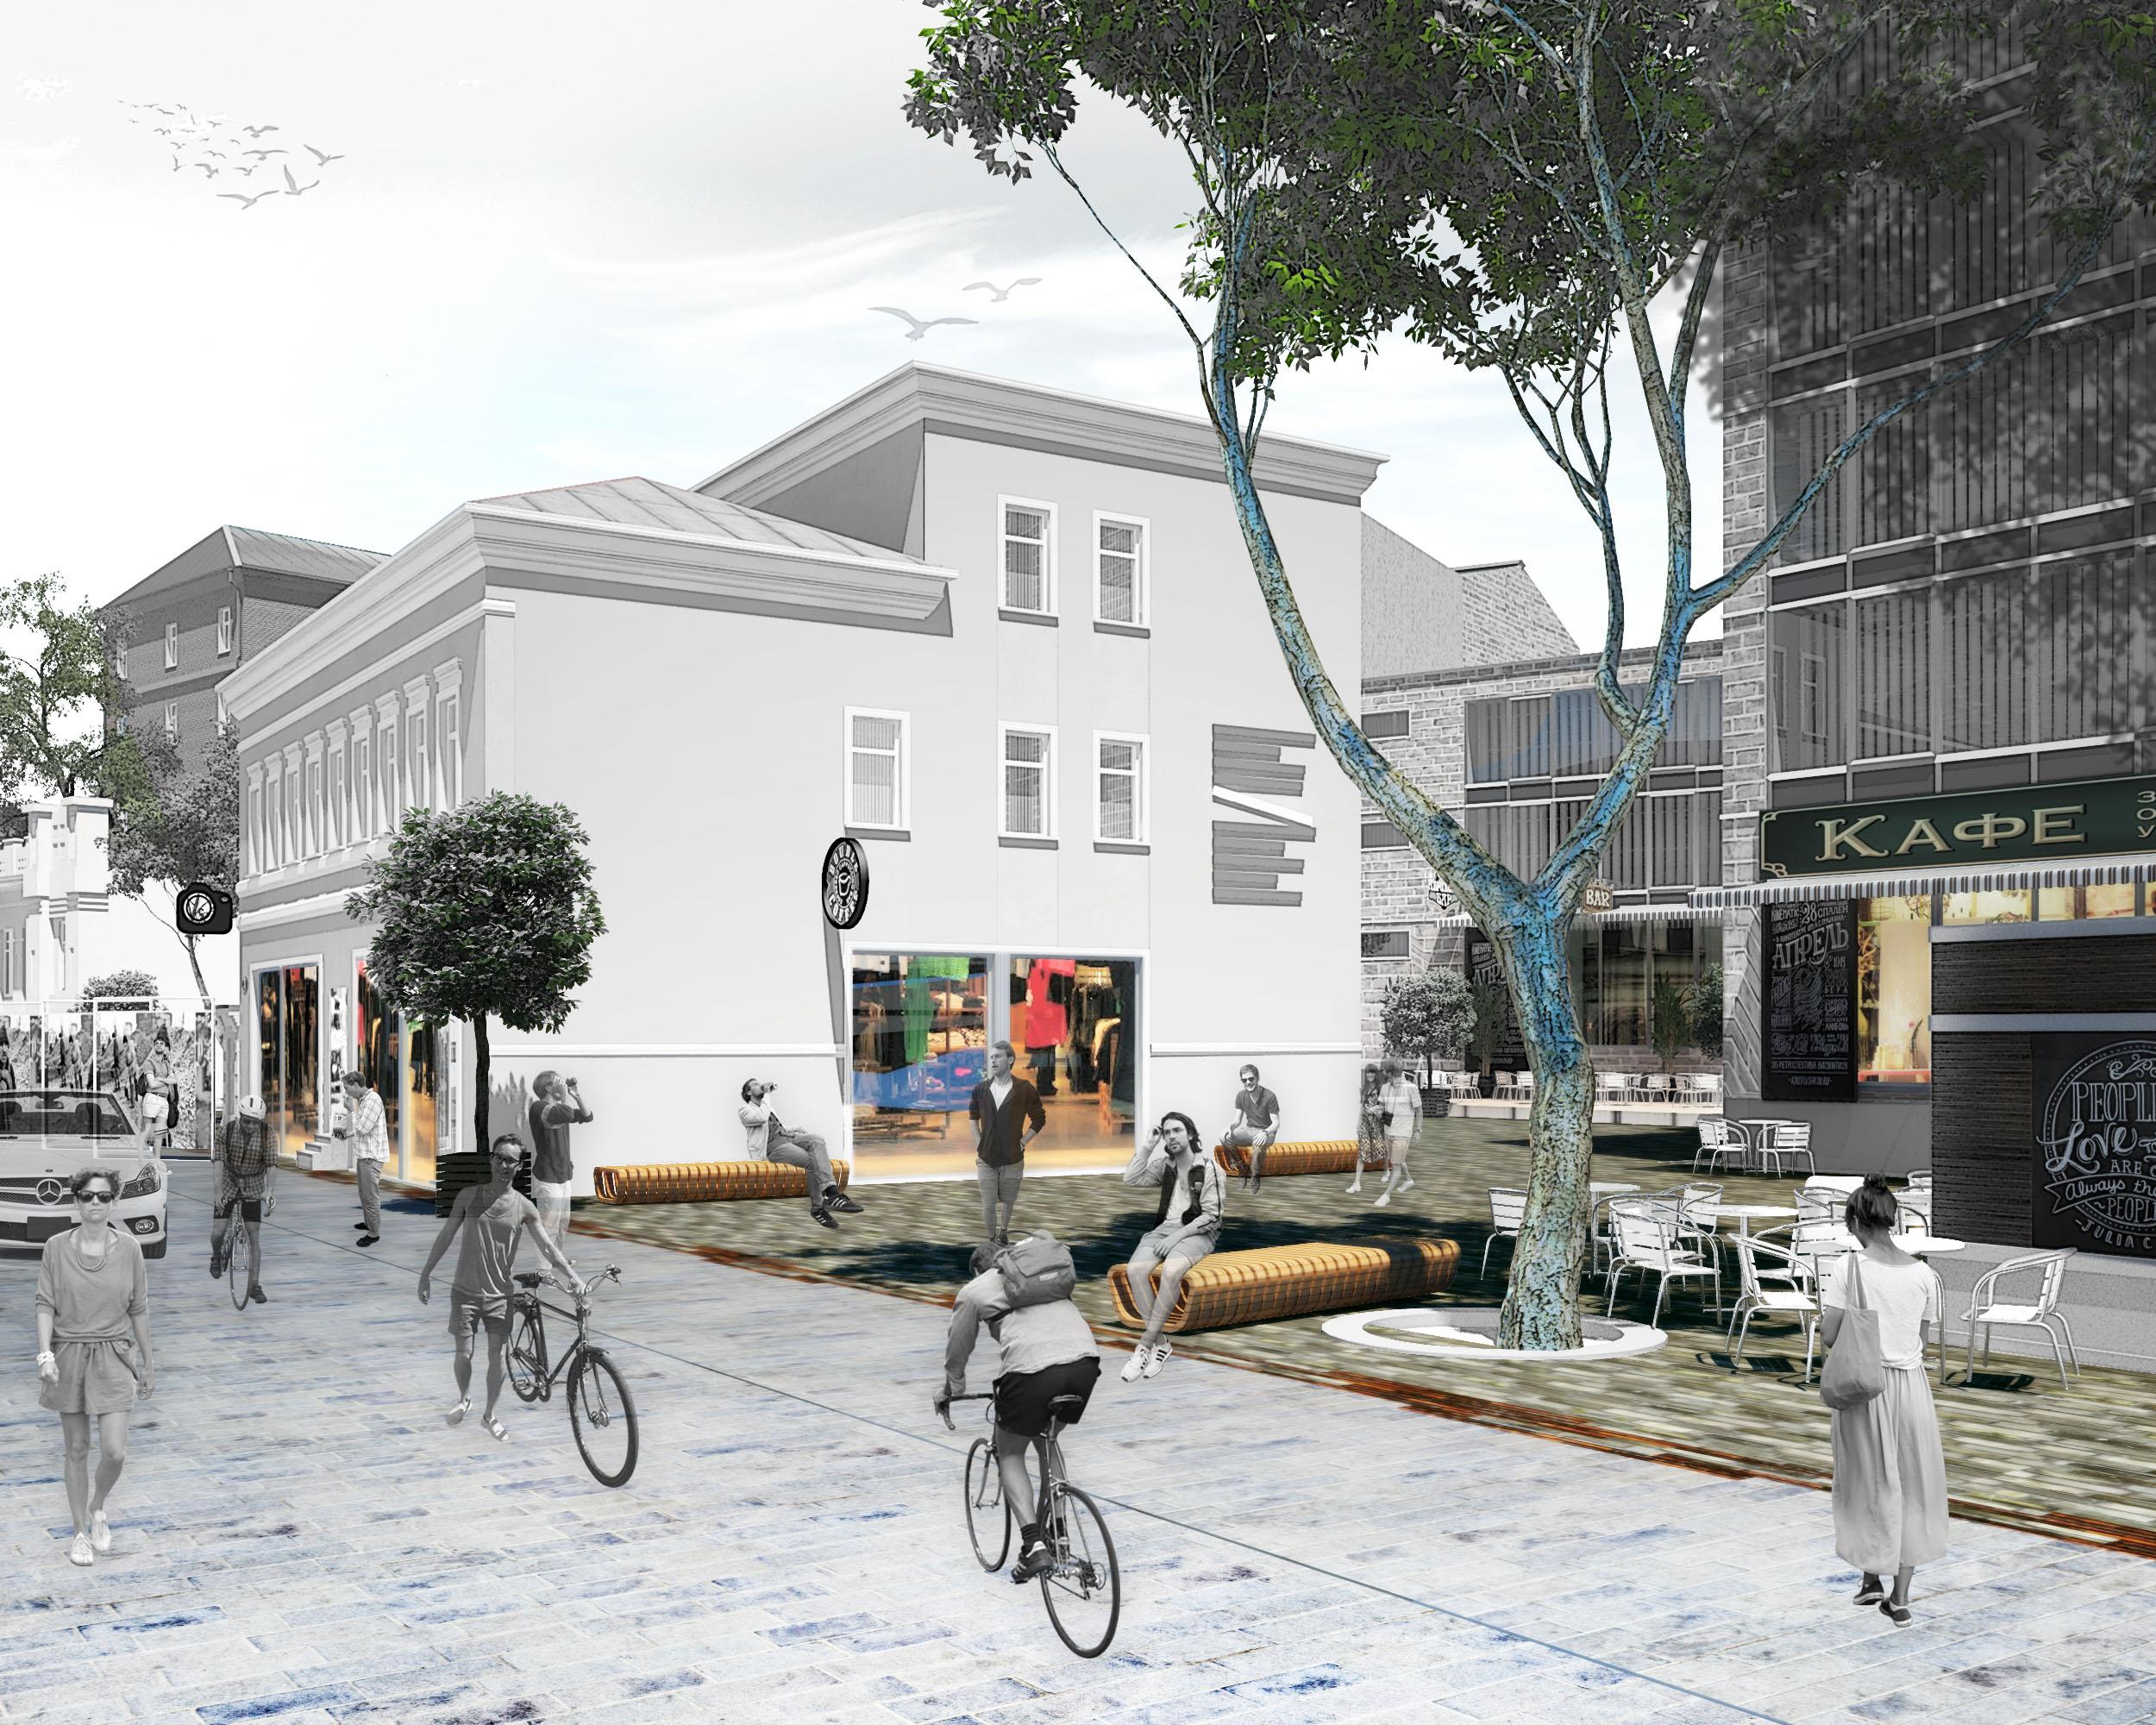 Общественное пространствос открытыми верандами кафе и ресторанов,с зеленой зоной, а так же местом для отдыха жителей и туристов.